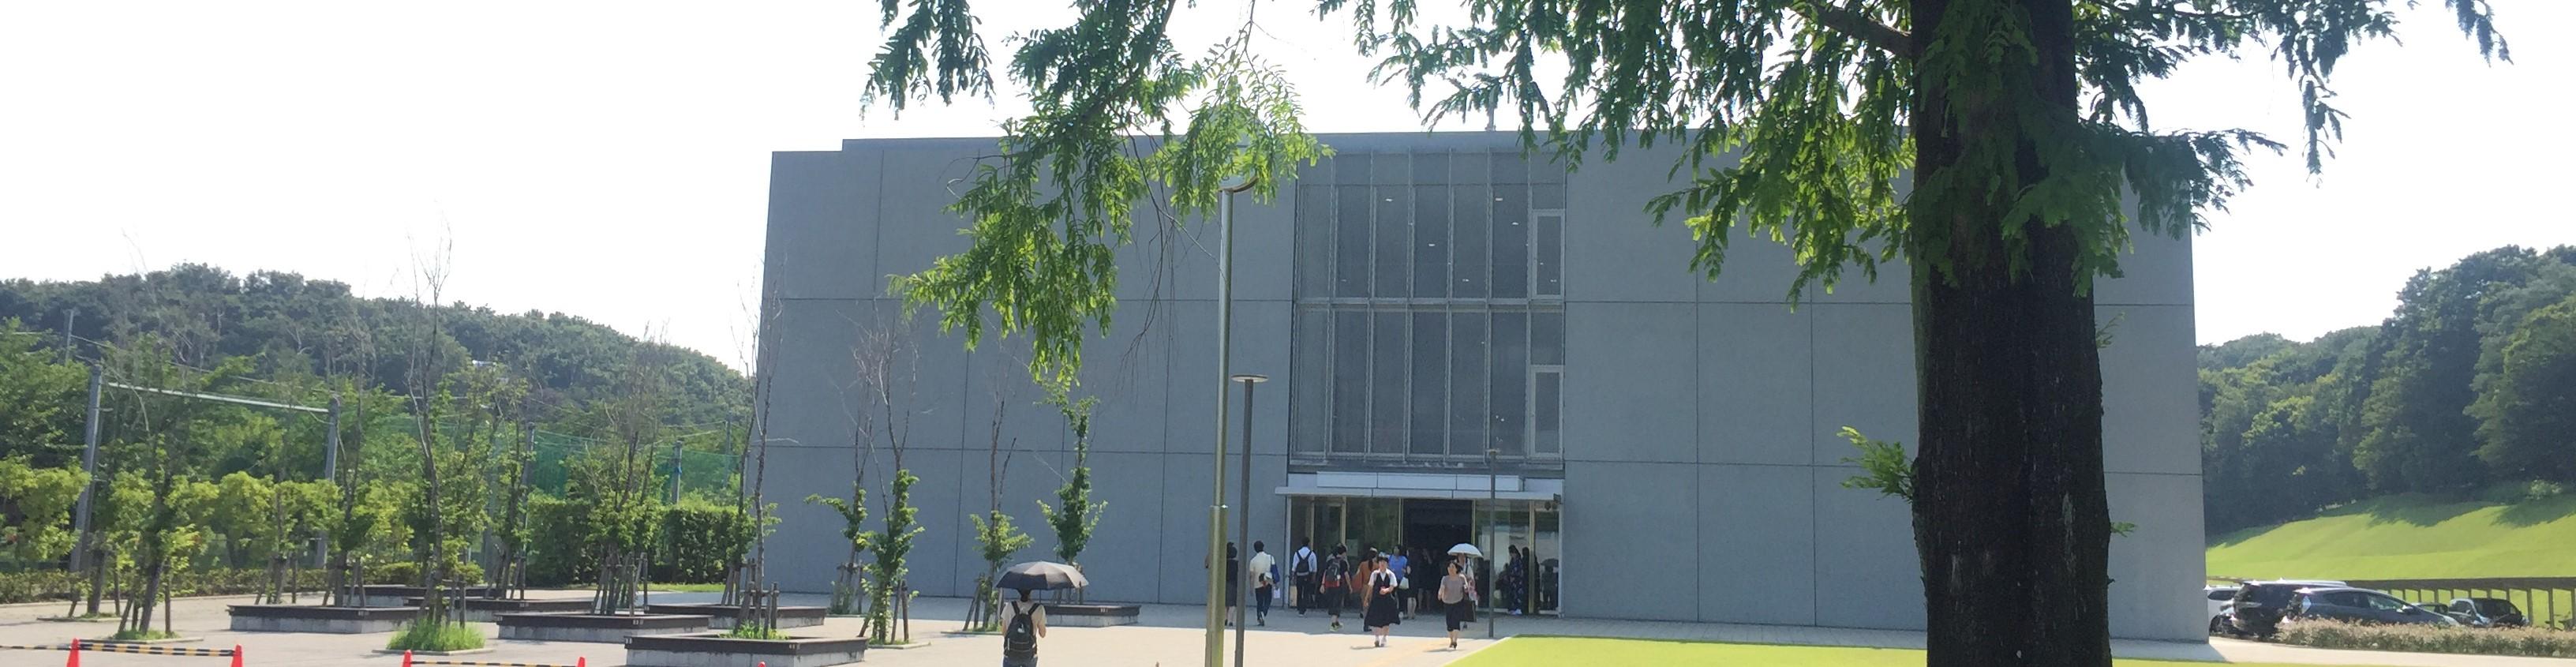 本庄 早 高校 大 学部進学について詳しくかきました:早稲田大学本庄高等学院の口コミ